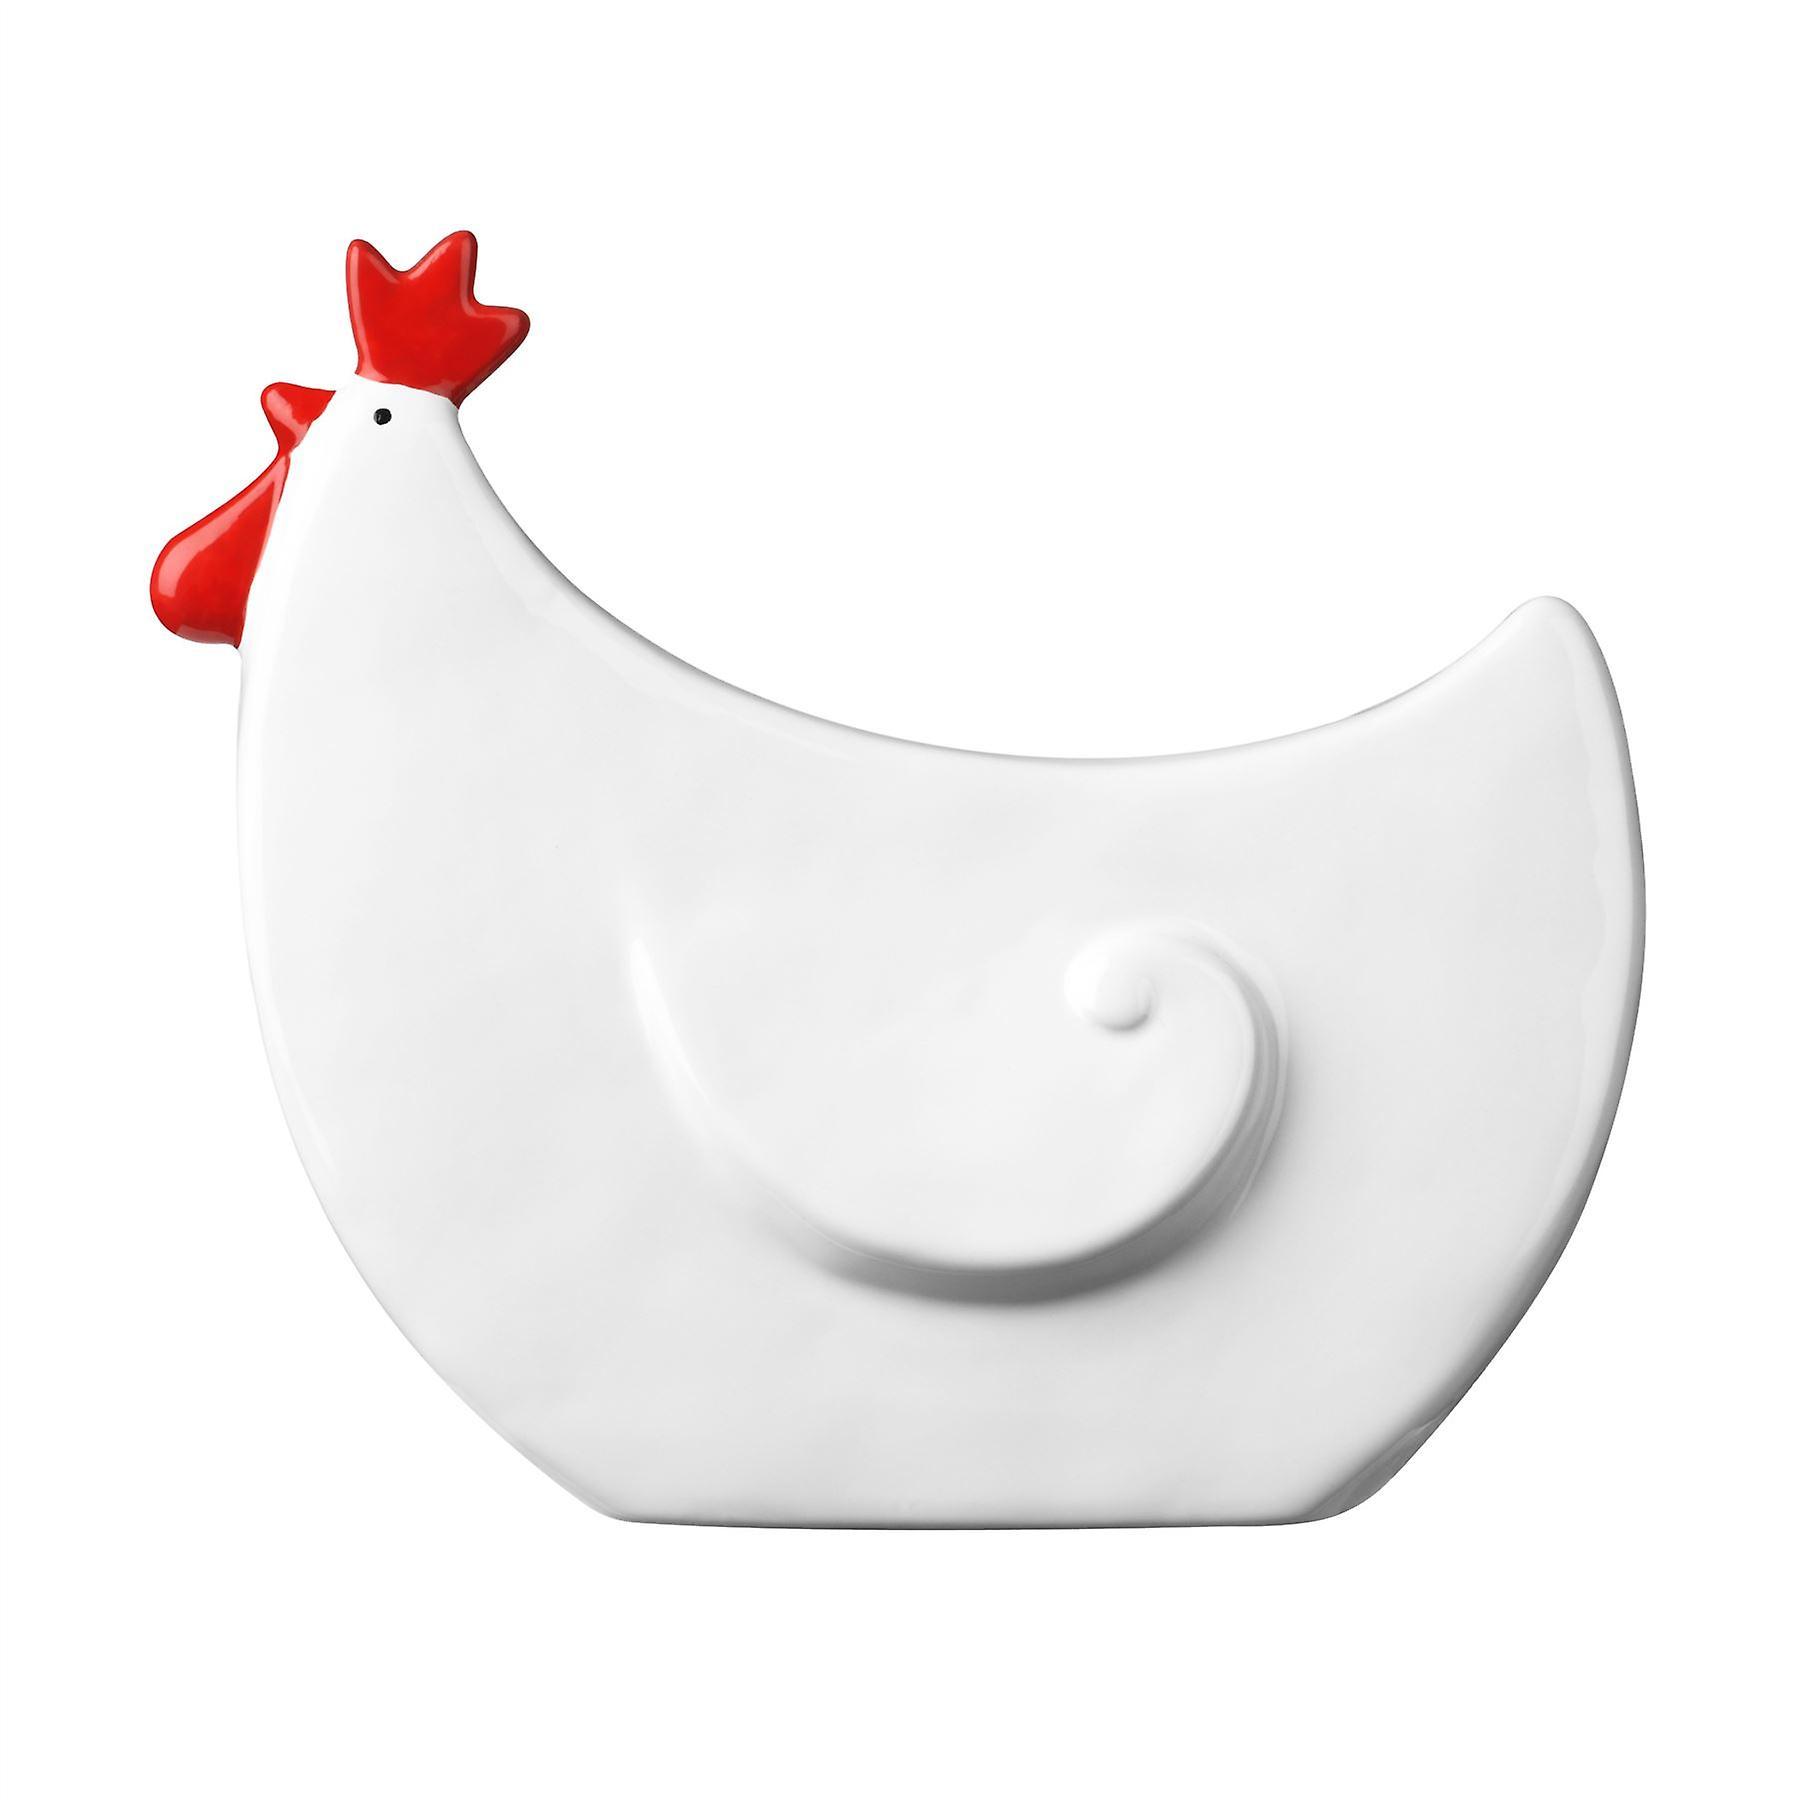 Premier Housewares Rooster Ceramic Ornament W22 x D8 x H19 cm